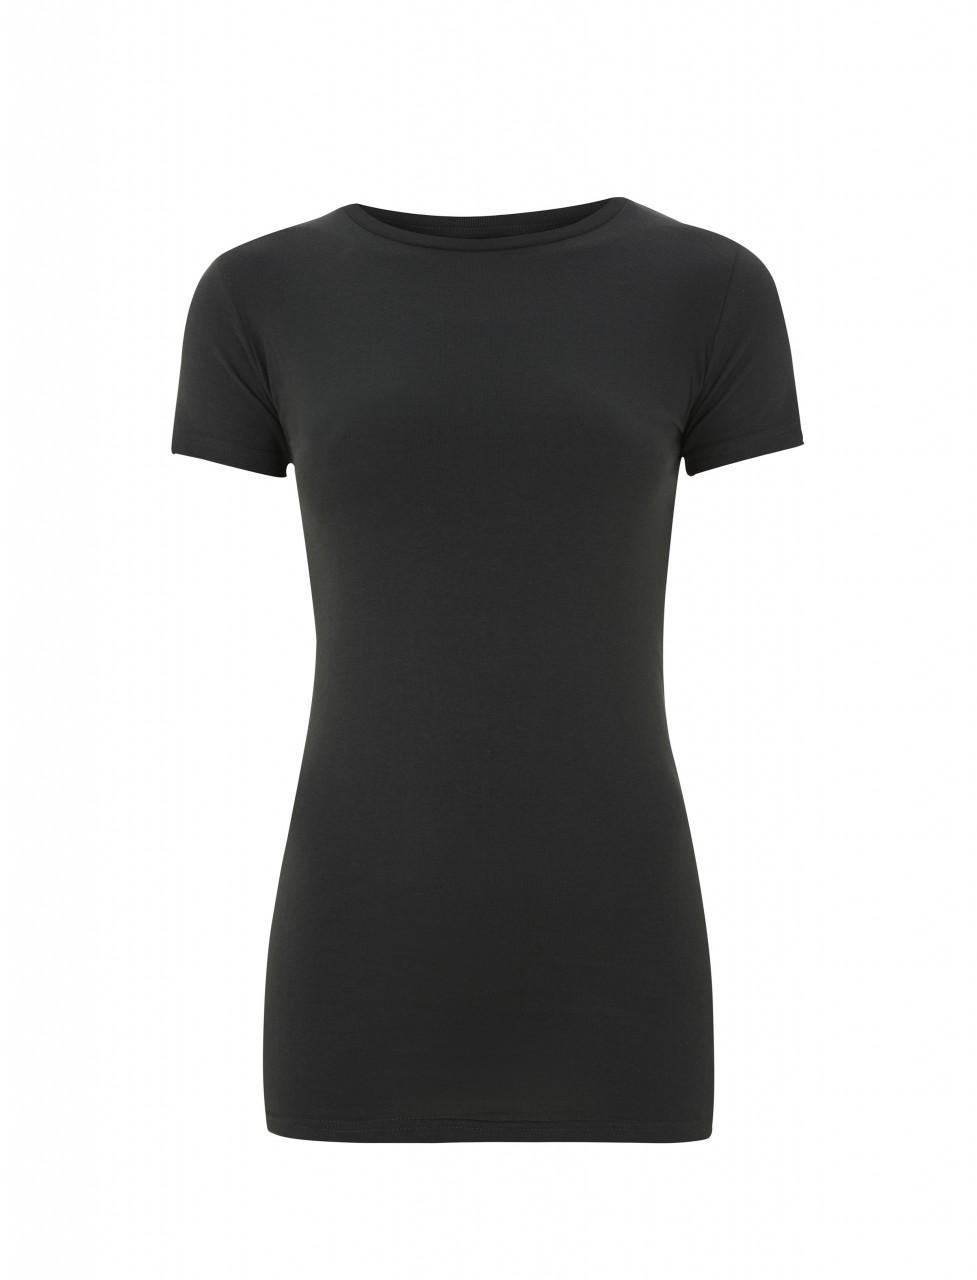 Womens Slim T-Shirt Dark Grey